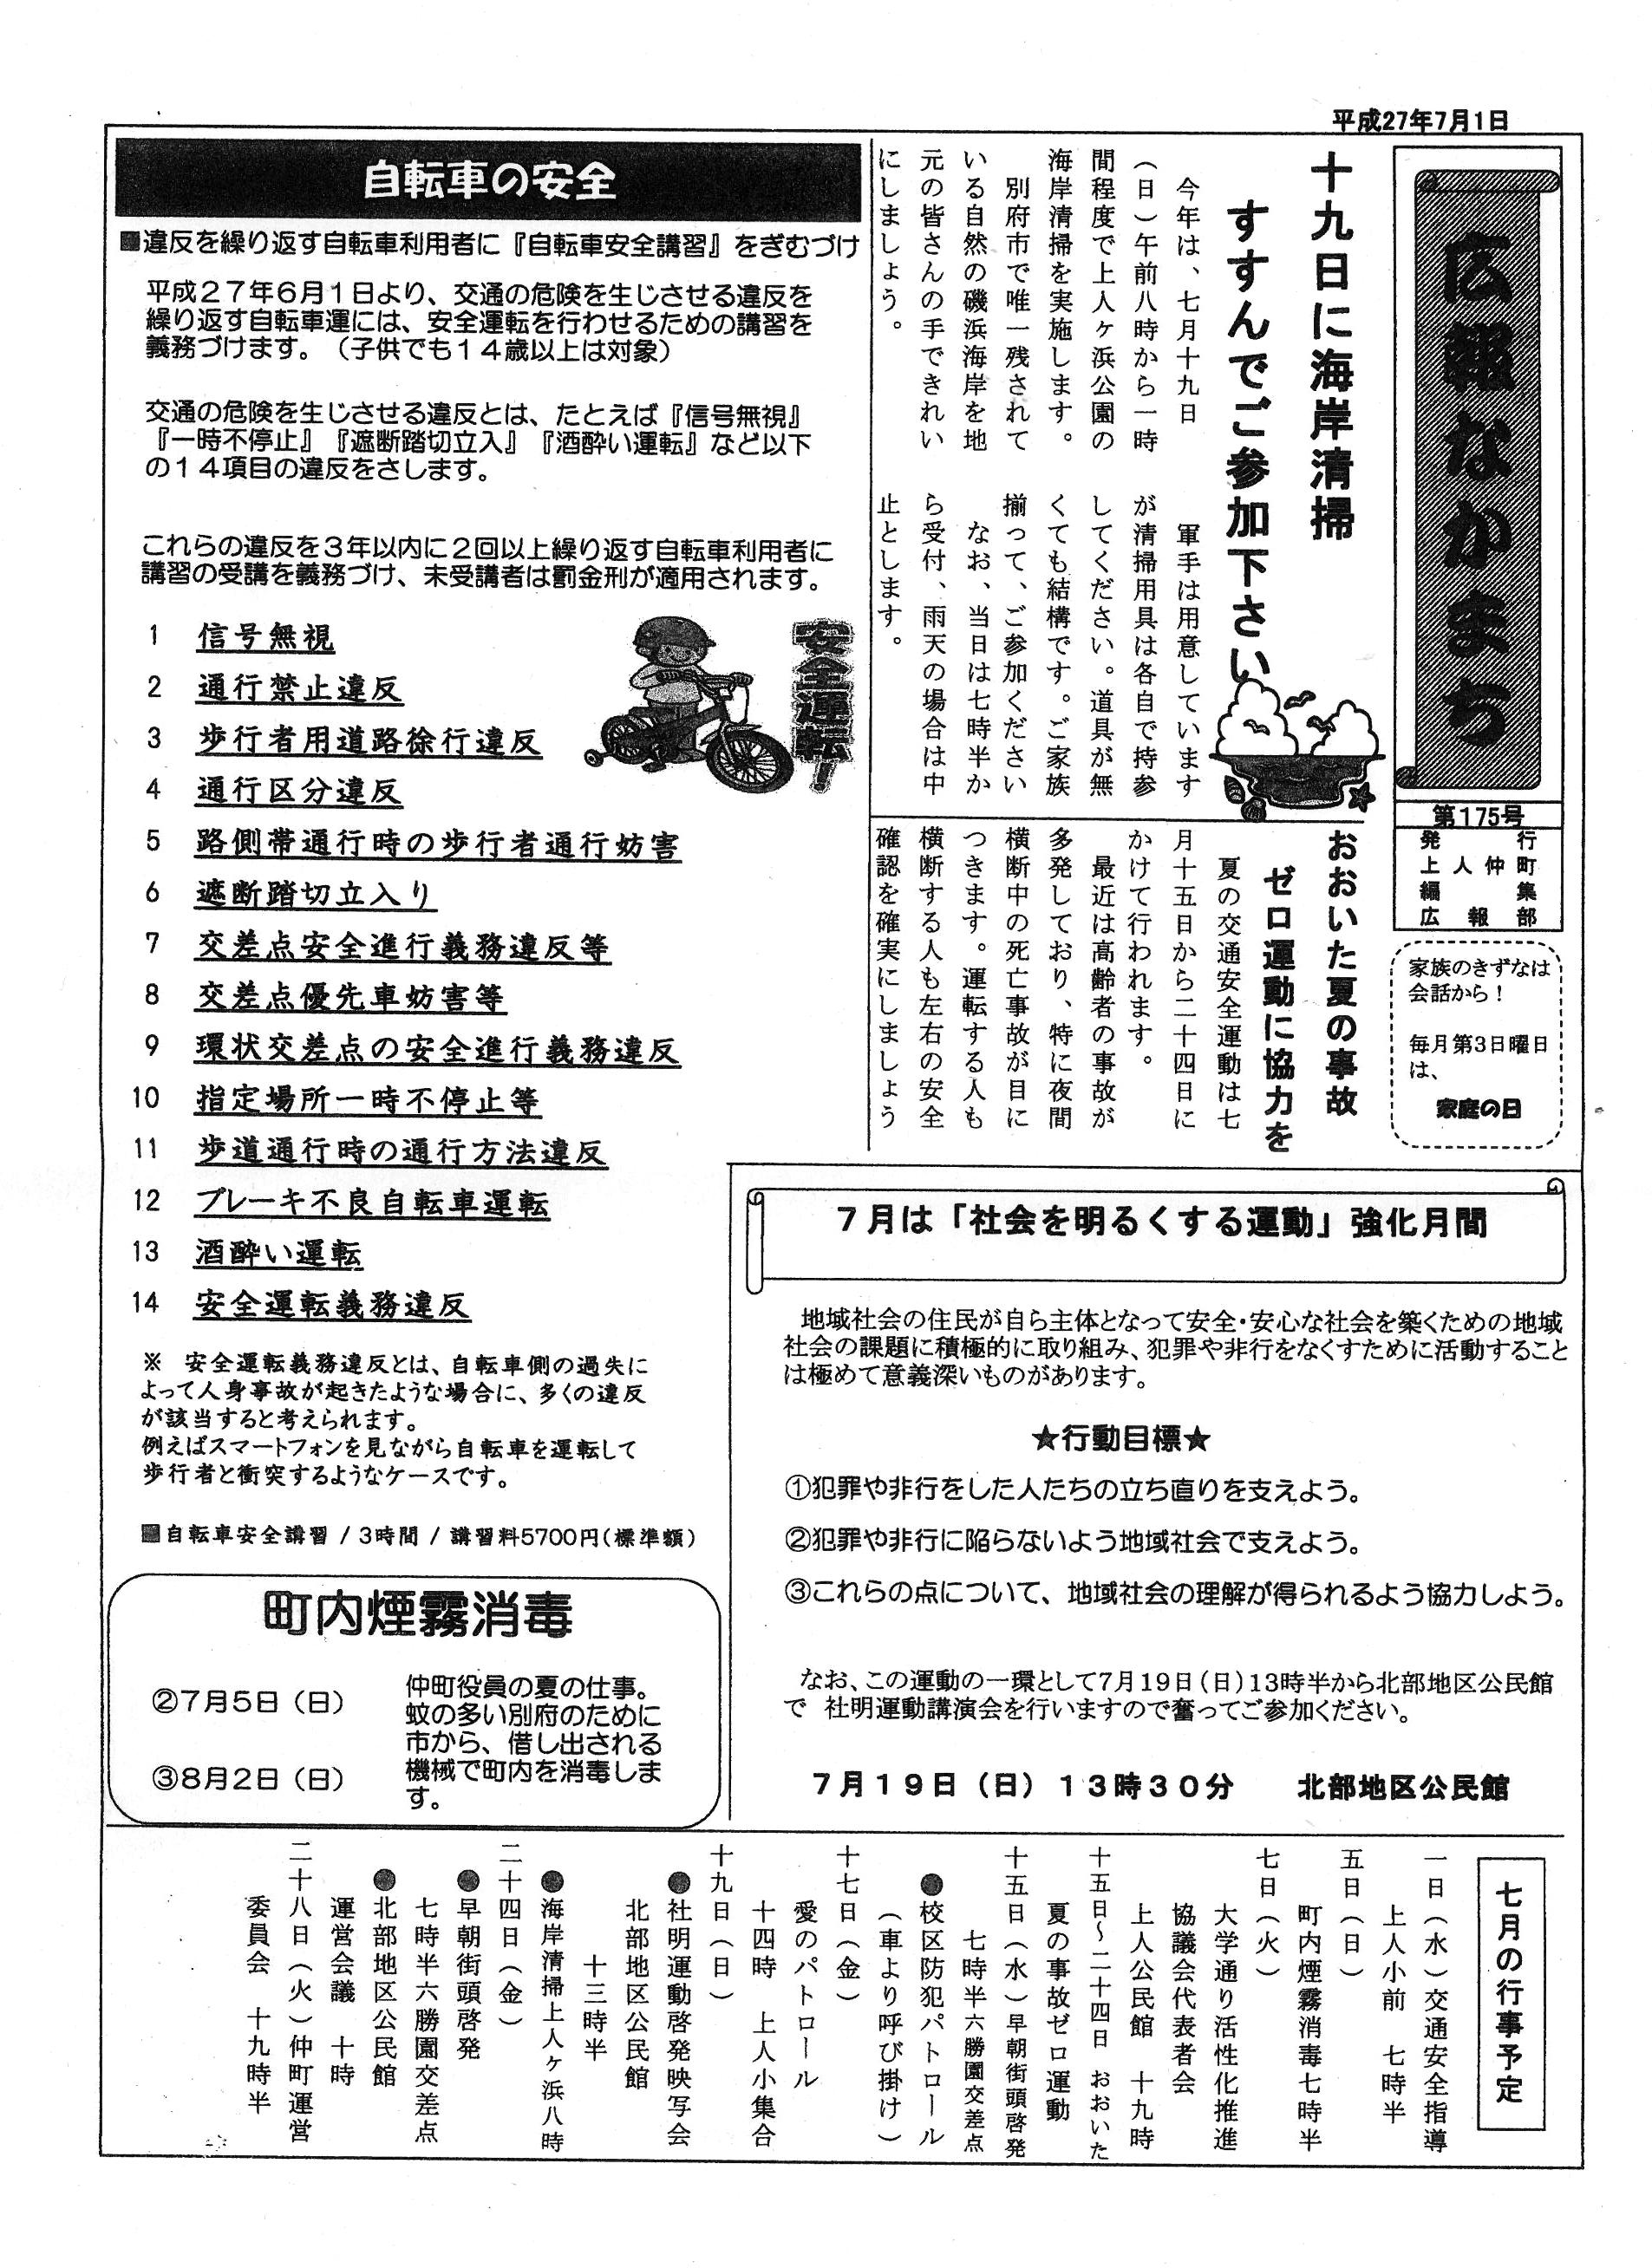 kohonakamachi2015_07